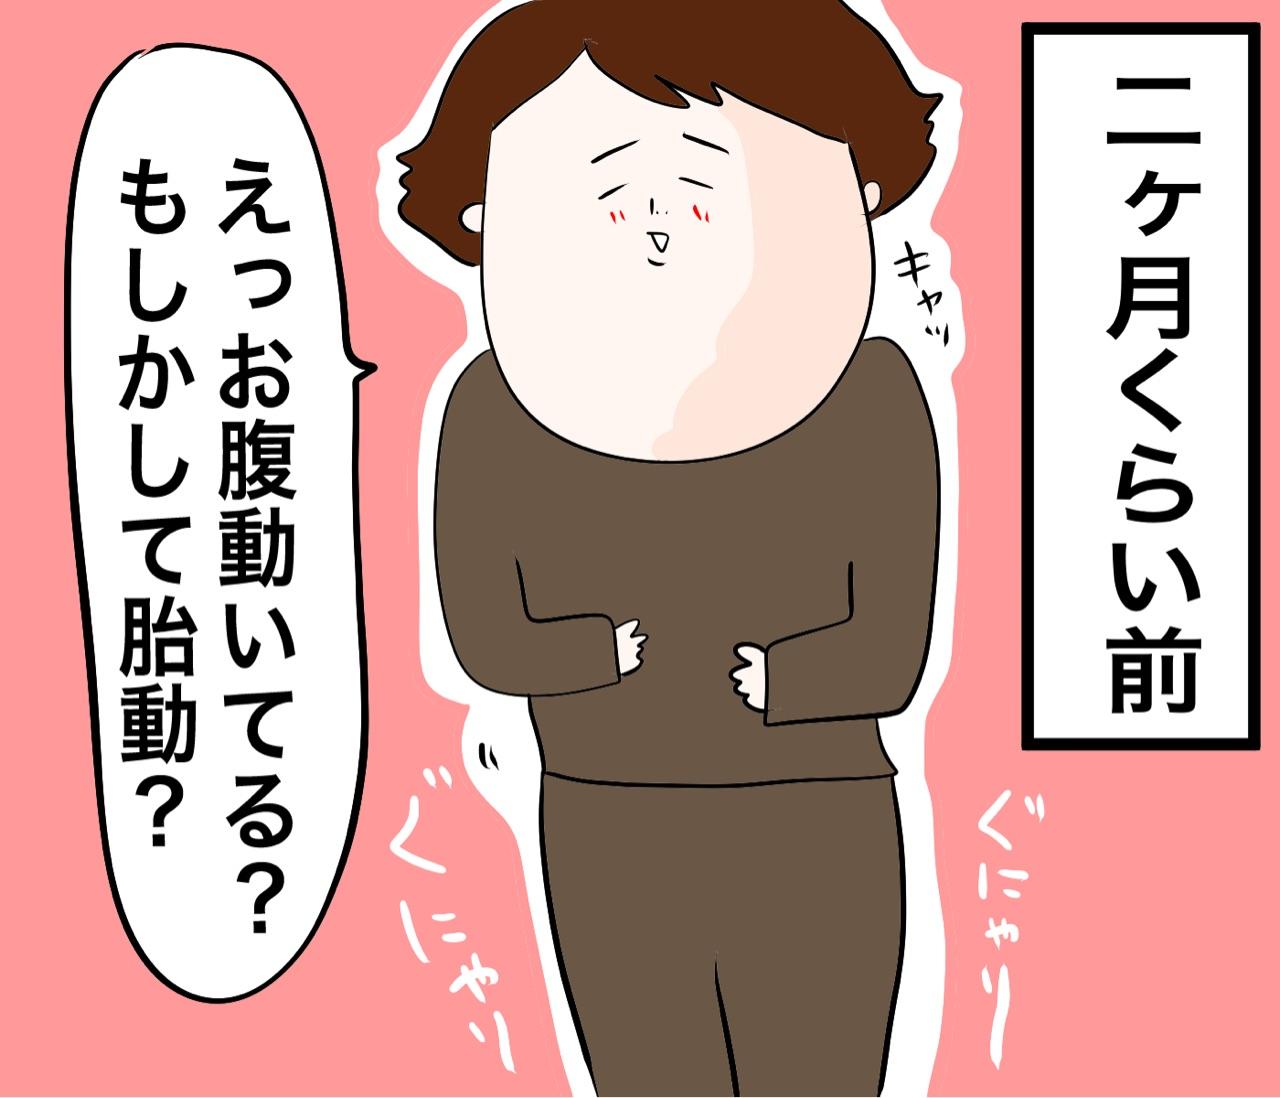 胎動 経産婦